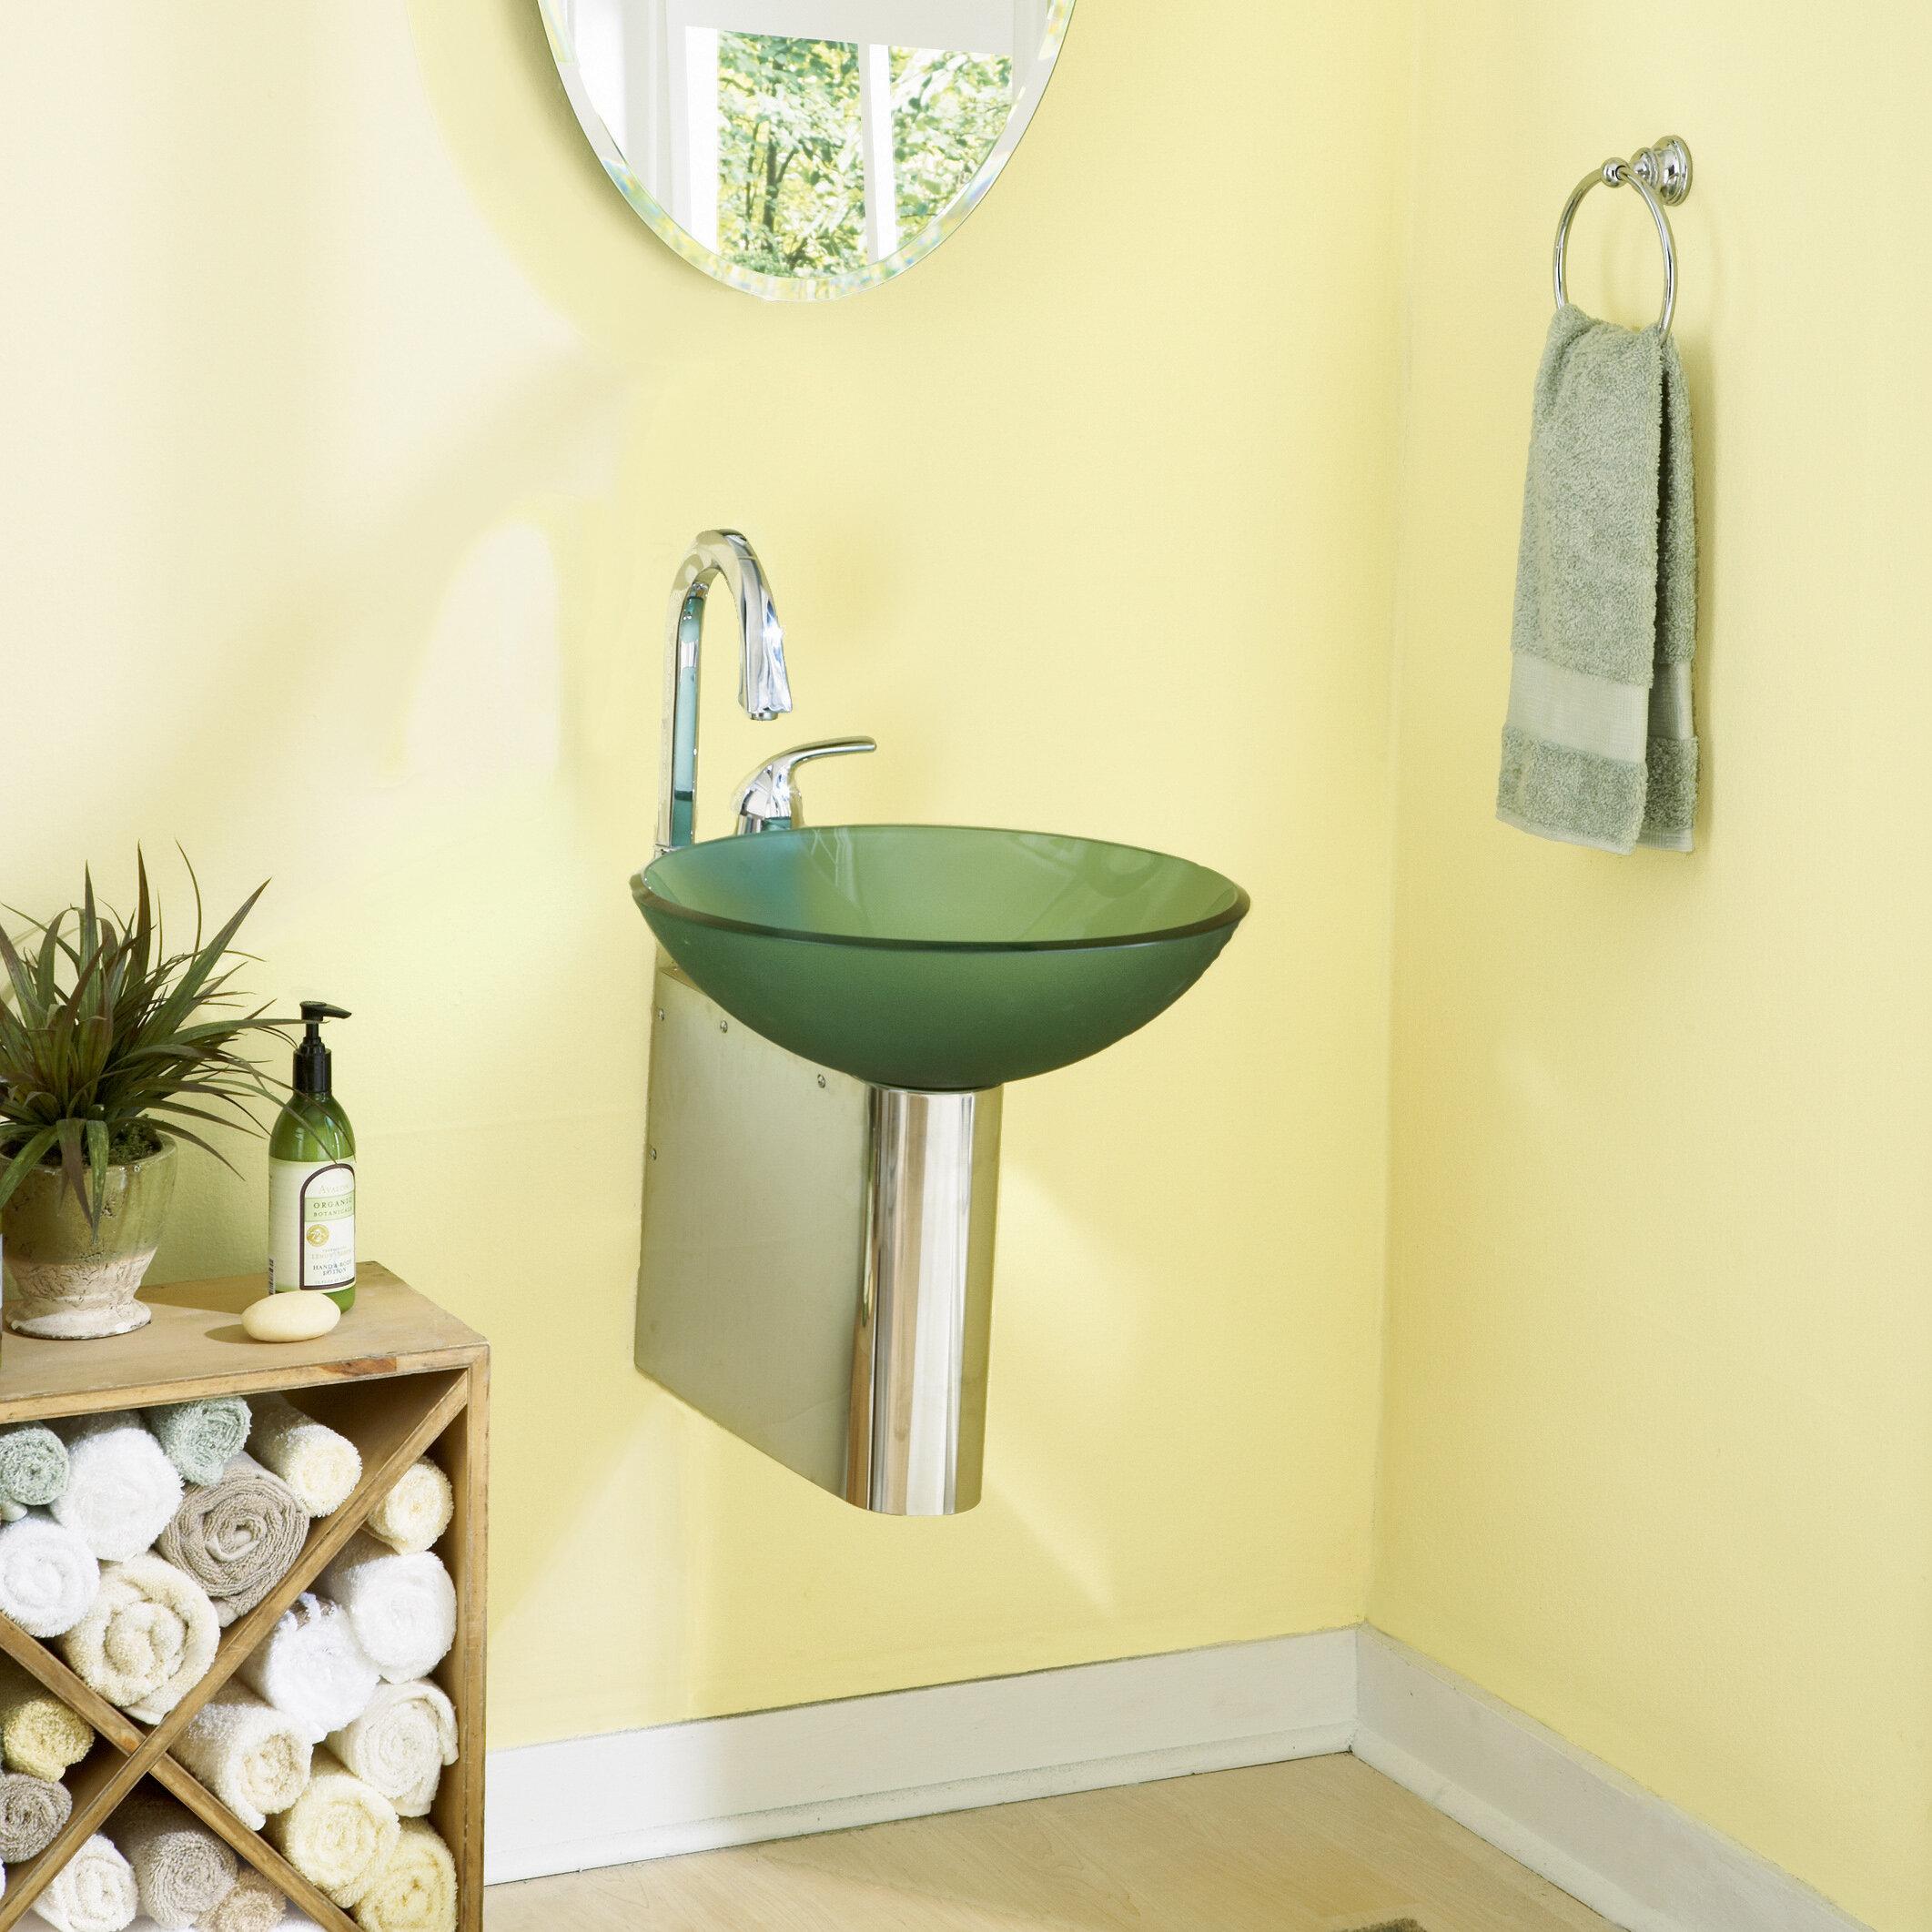 Bon DECOLAV Wall Mounted Sink Bracket | Wayfair